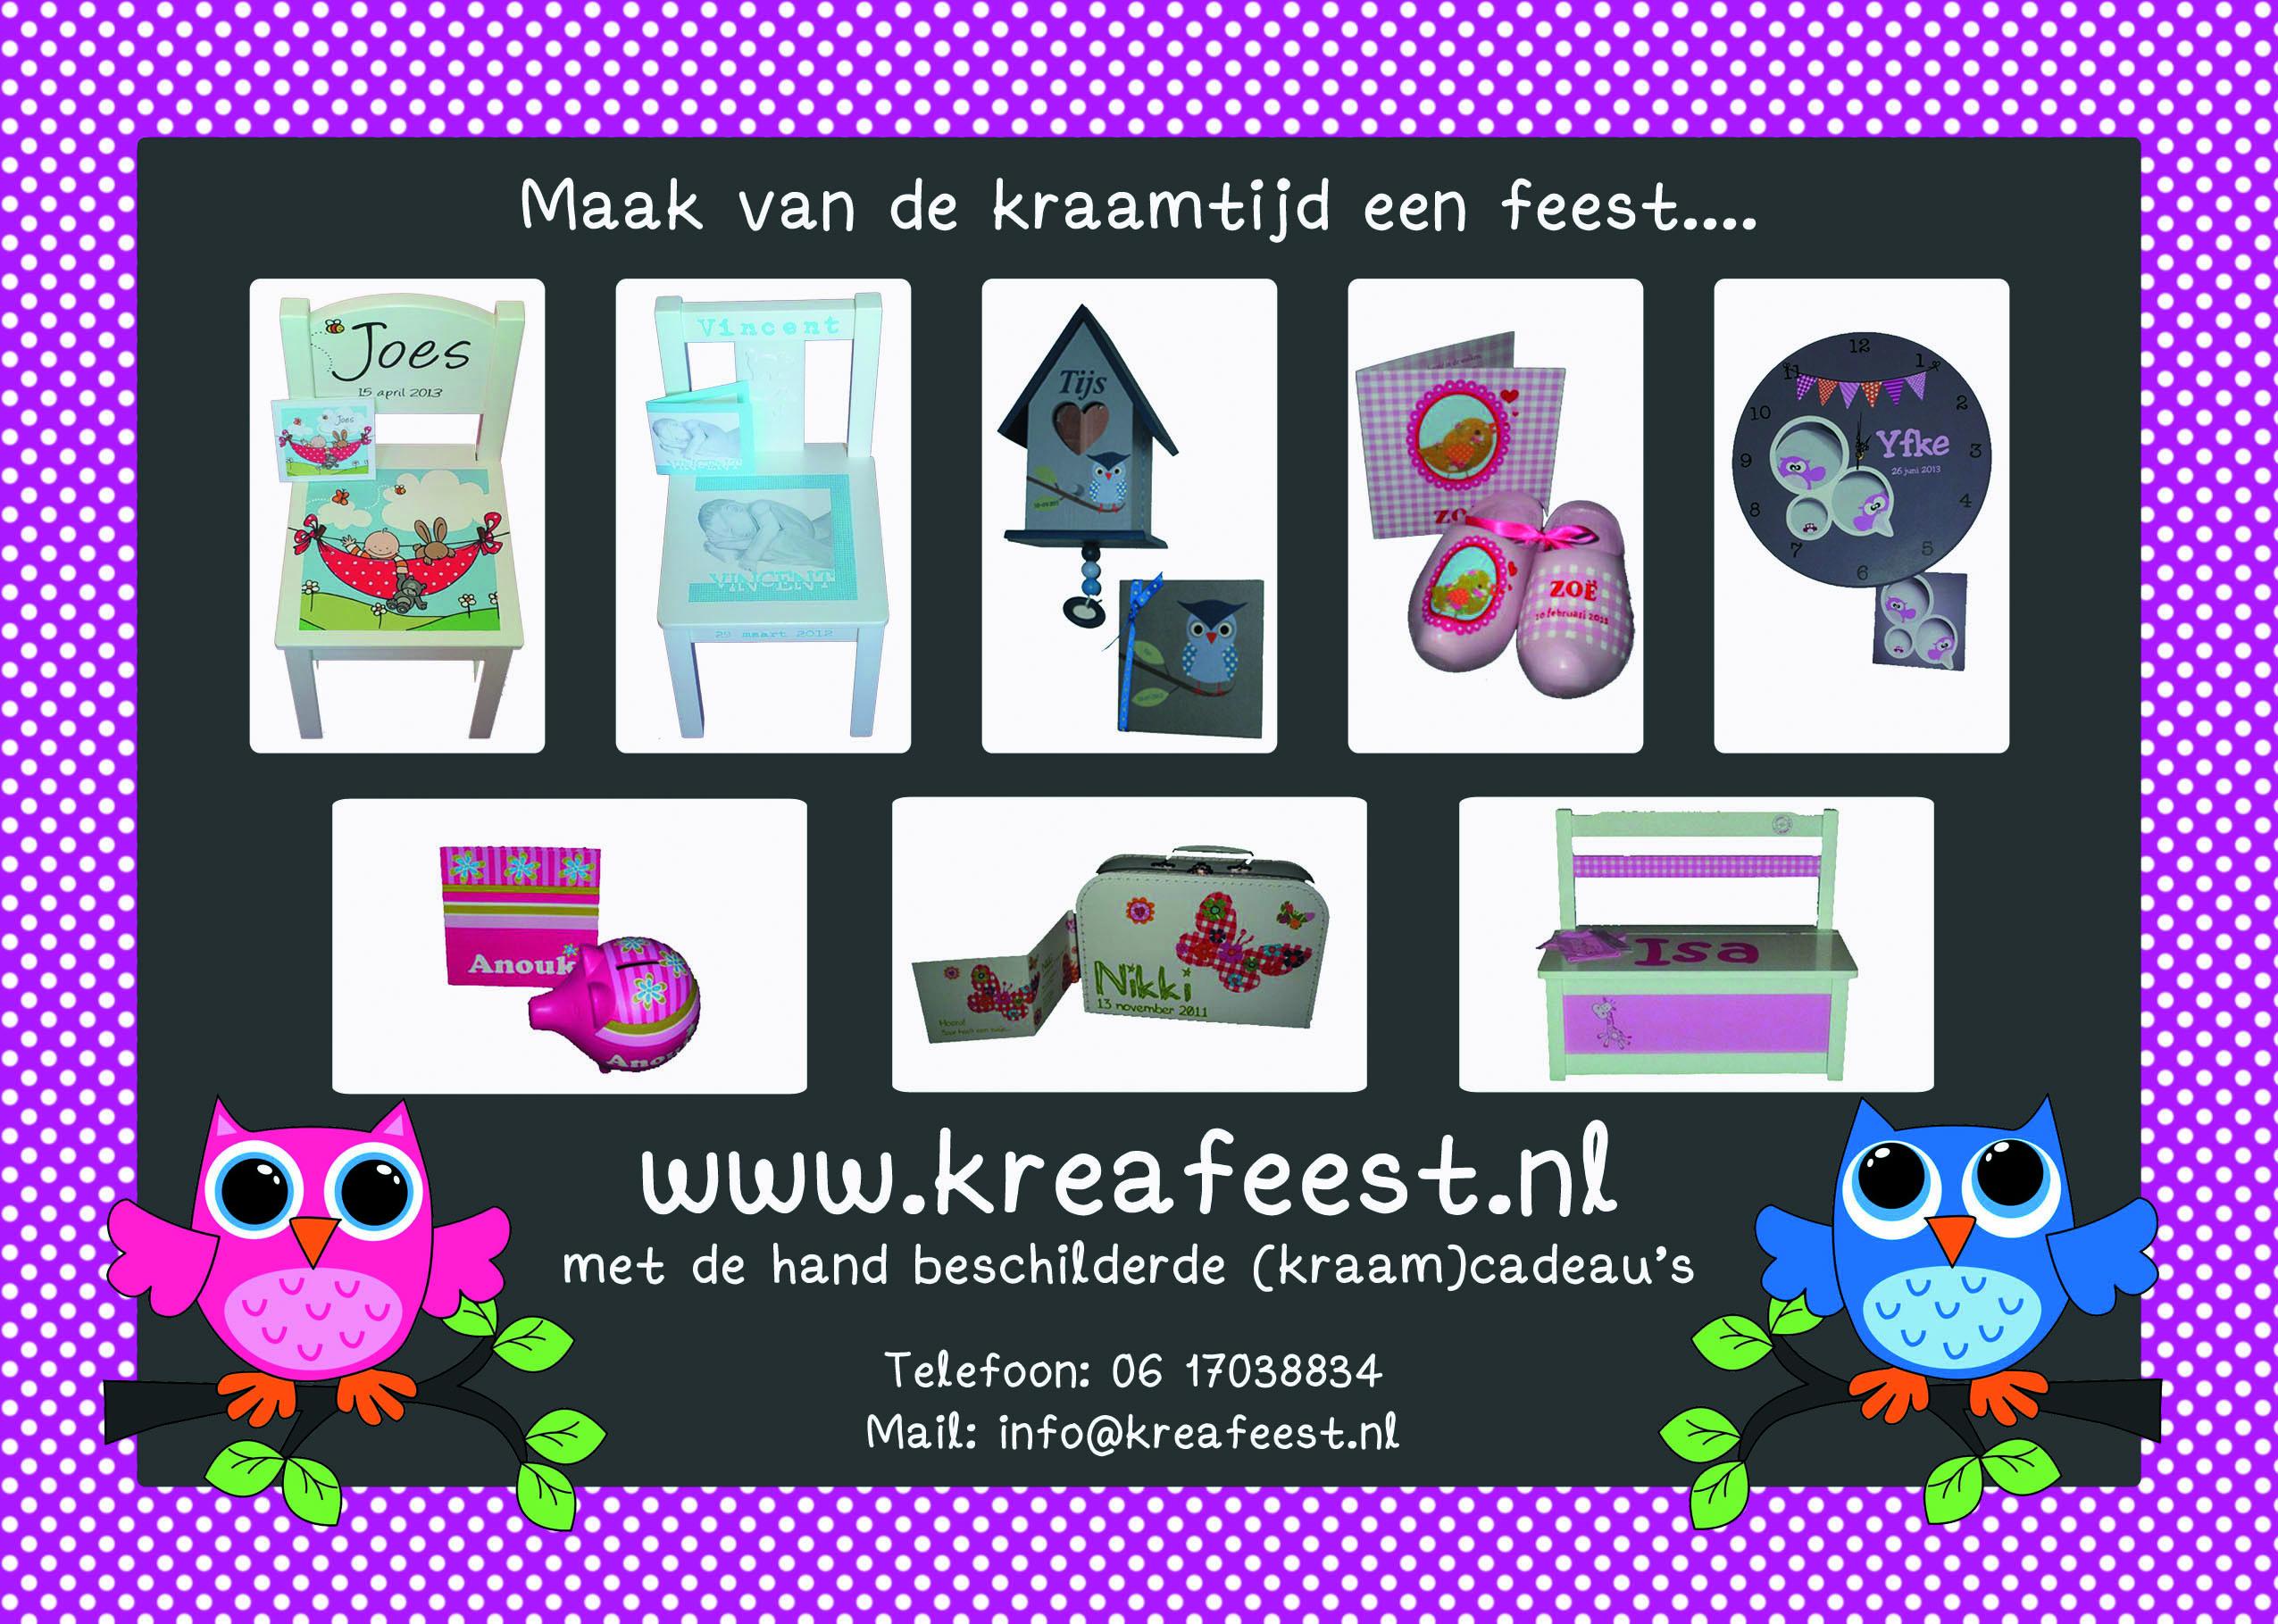 (c) Kreafeest.nl